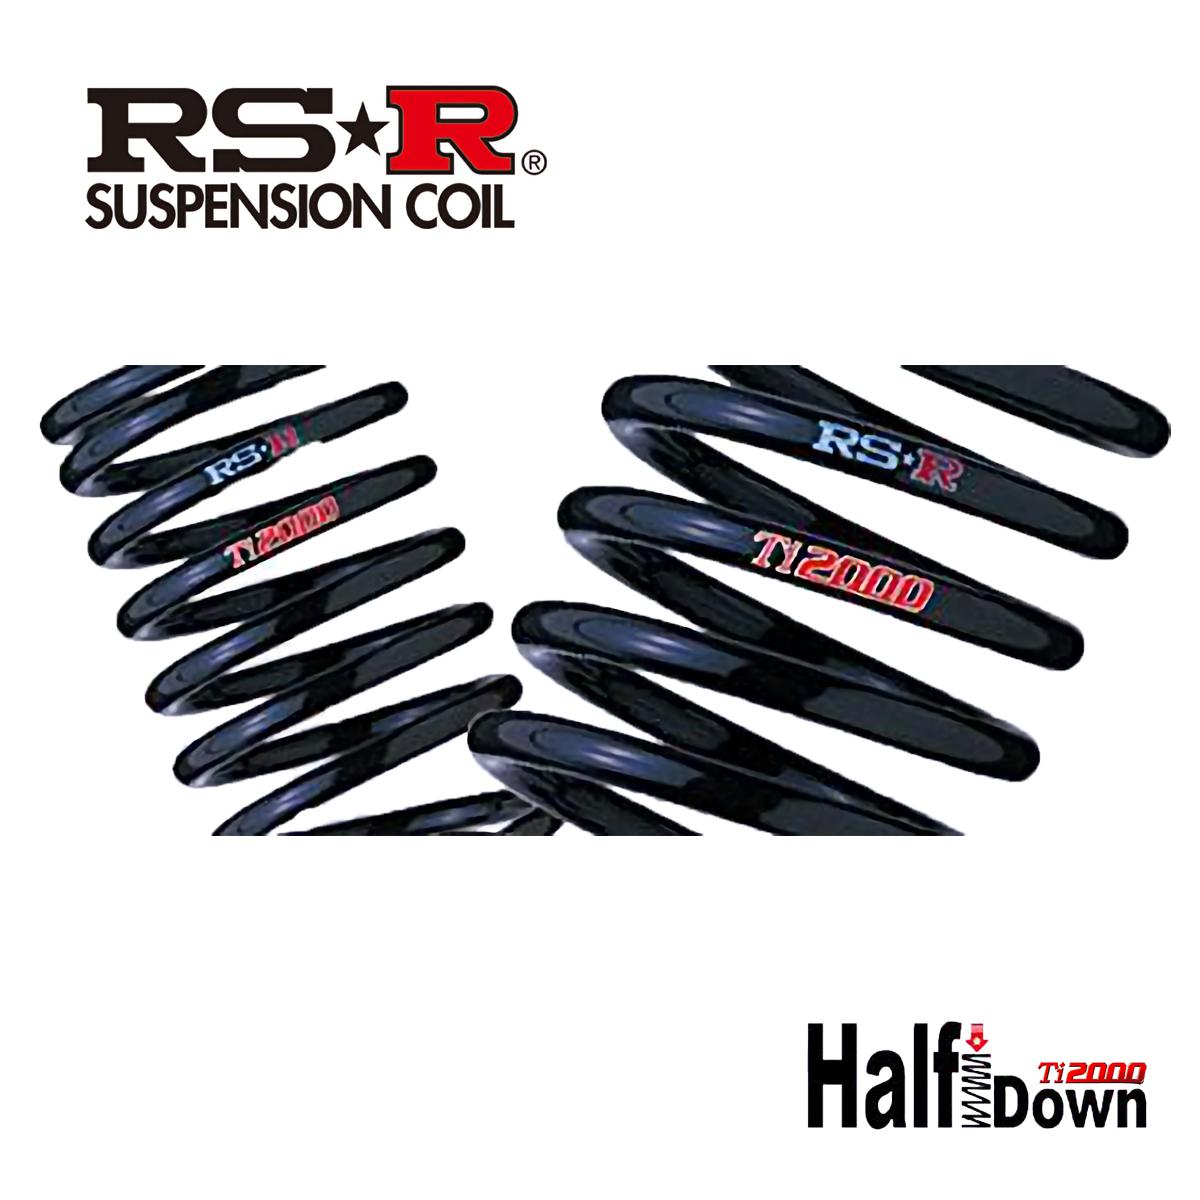 RS-R アルトワークス ベースグレード HA36S ダウンサス スプリング 1台分 S022THD Ti2000 ハーフダウン RSR 個人宅発送追金有